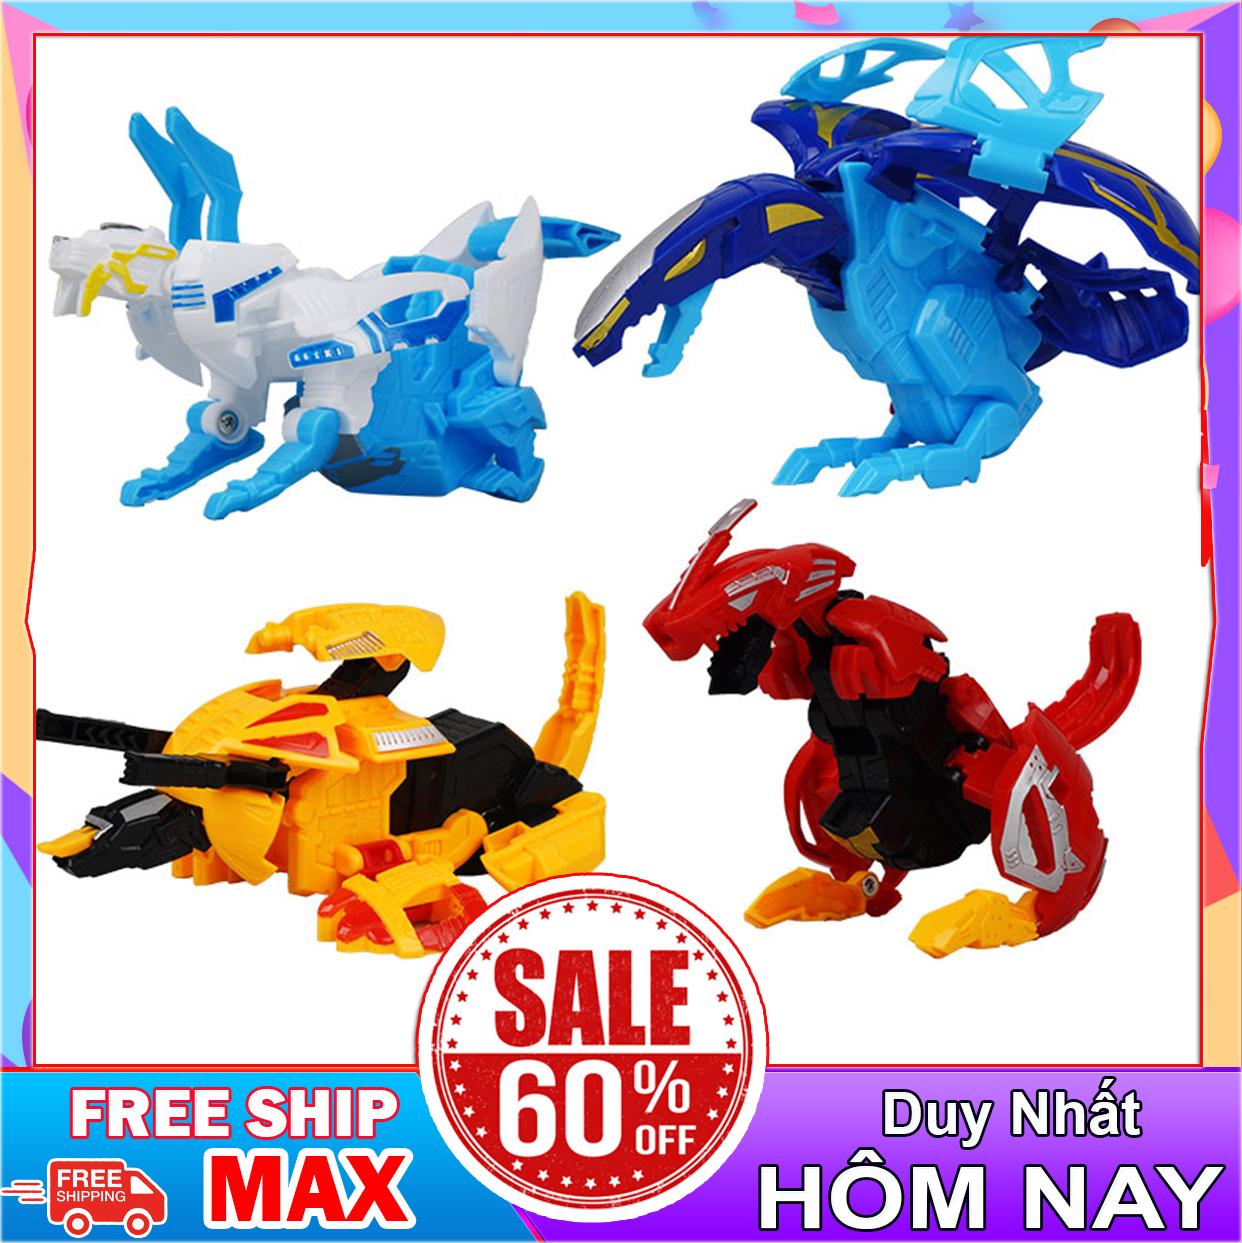 (FREE SHIP – MUA 1 TẶNG 1) Khủng Long Khủng Long Khủng Long Cho Trẻ Em – Đồ Chơi Biến Hình Trứng – Đồ chơi khủng long – Trứng khủng long biến hình cao cấp – Bộ đồ chơi lắp ghép biến hình cho bé